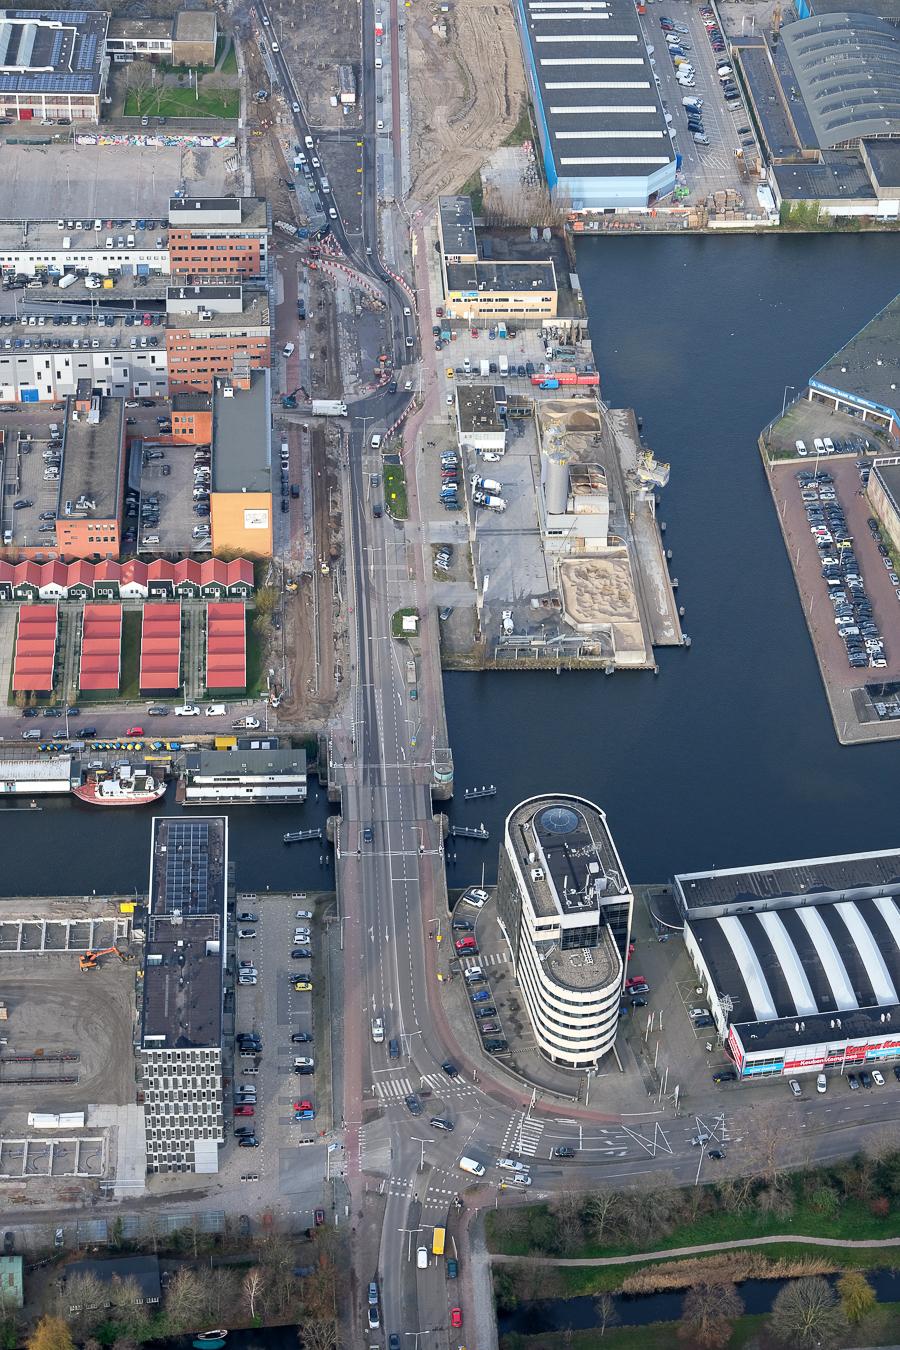 luchtfoto persbericht 2020-04-21 luchtfoto kruising Binckhorstlaan-Maanweg - fotograaf Peter van Oosterhout